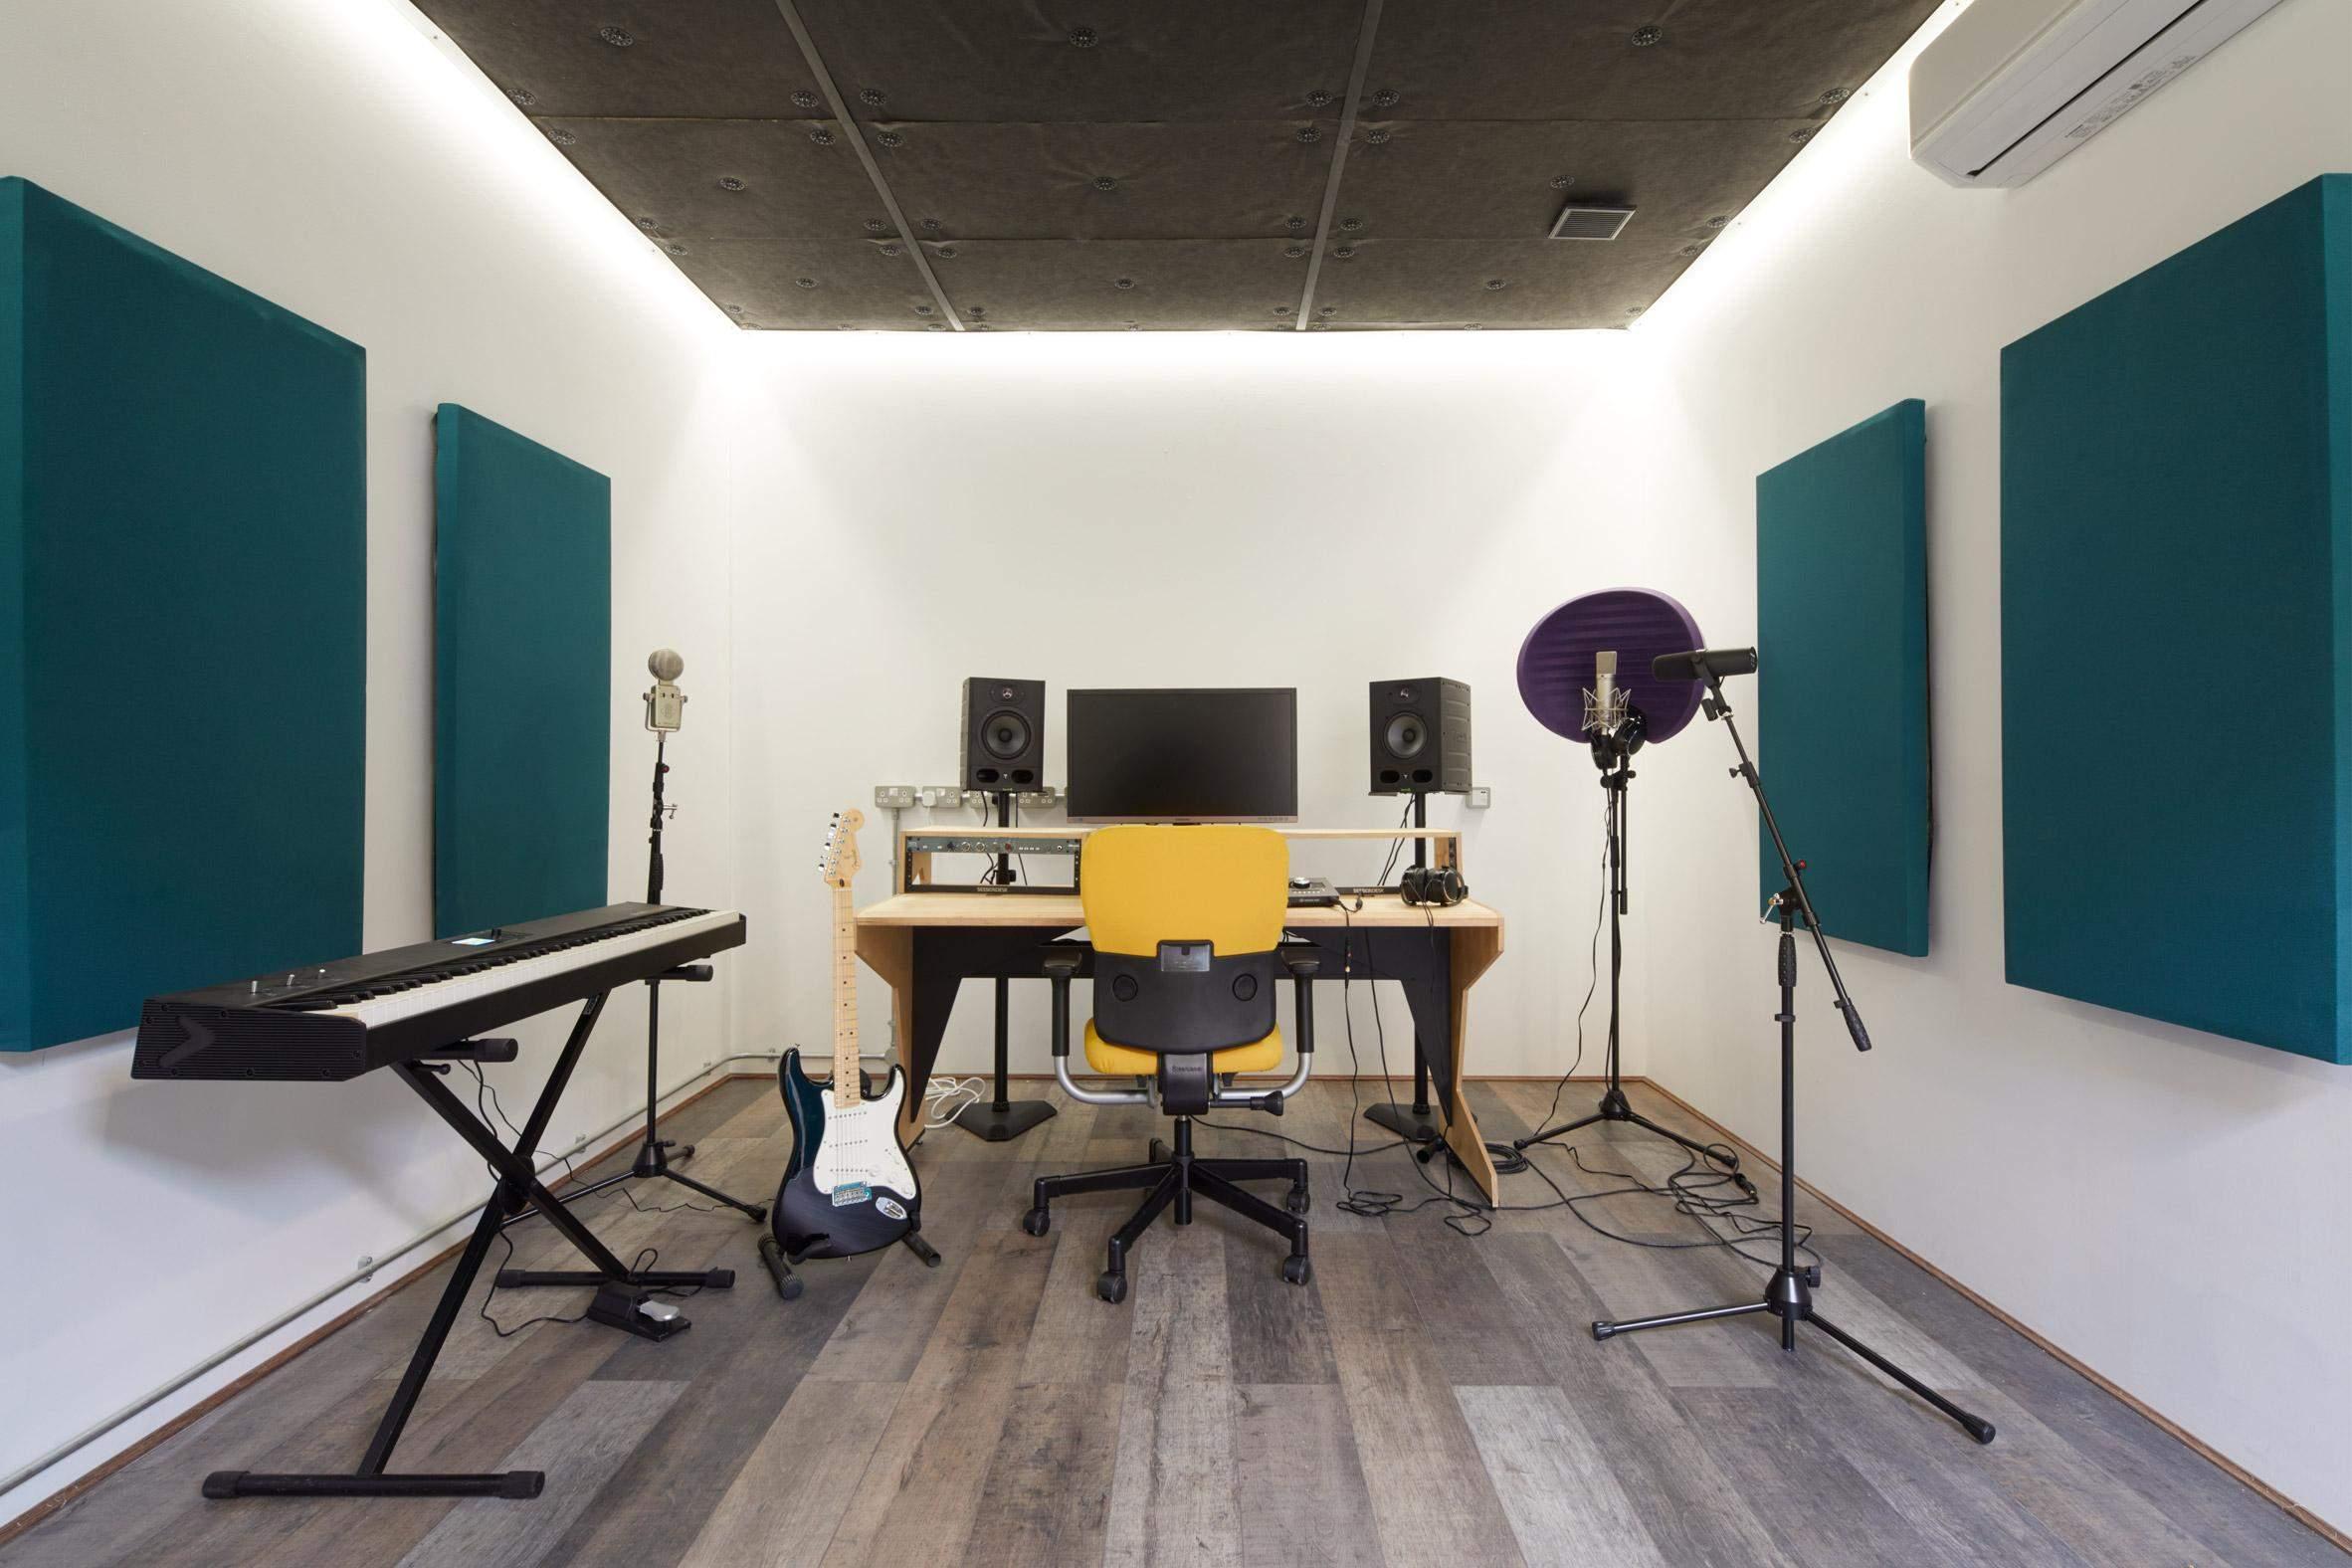 Так виглядає одна зі студій звукозапису